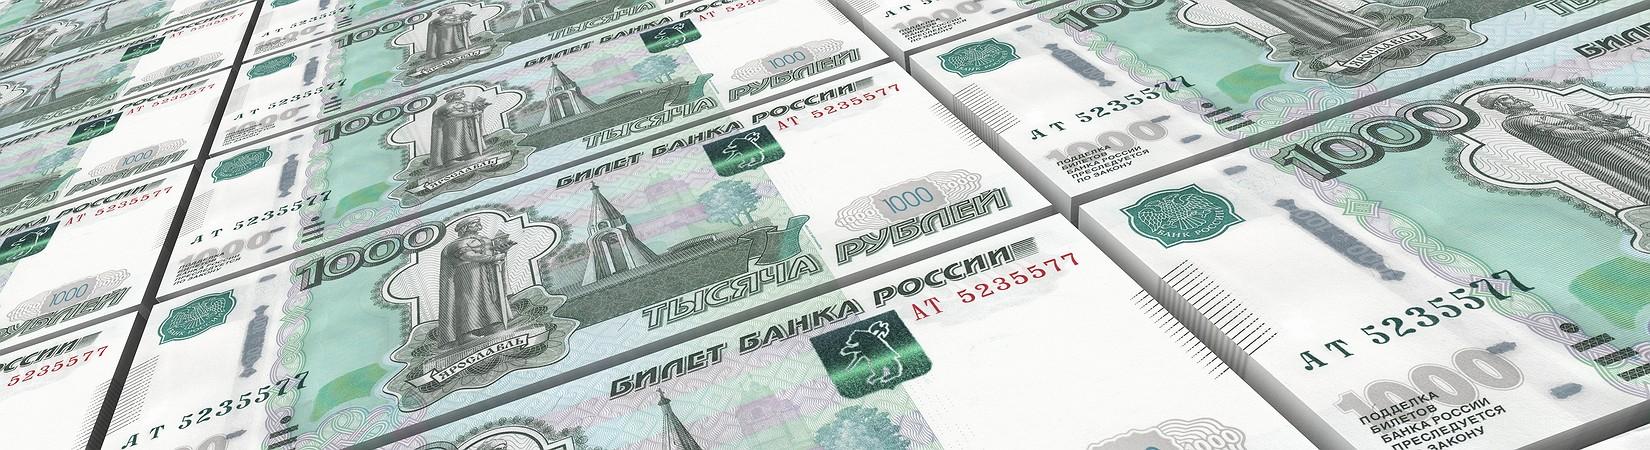 Банк России впервые за шесть лет выпустит купонные облигации